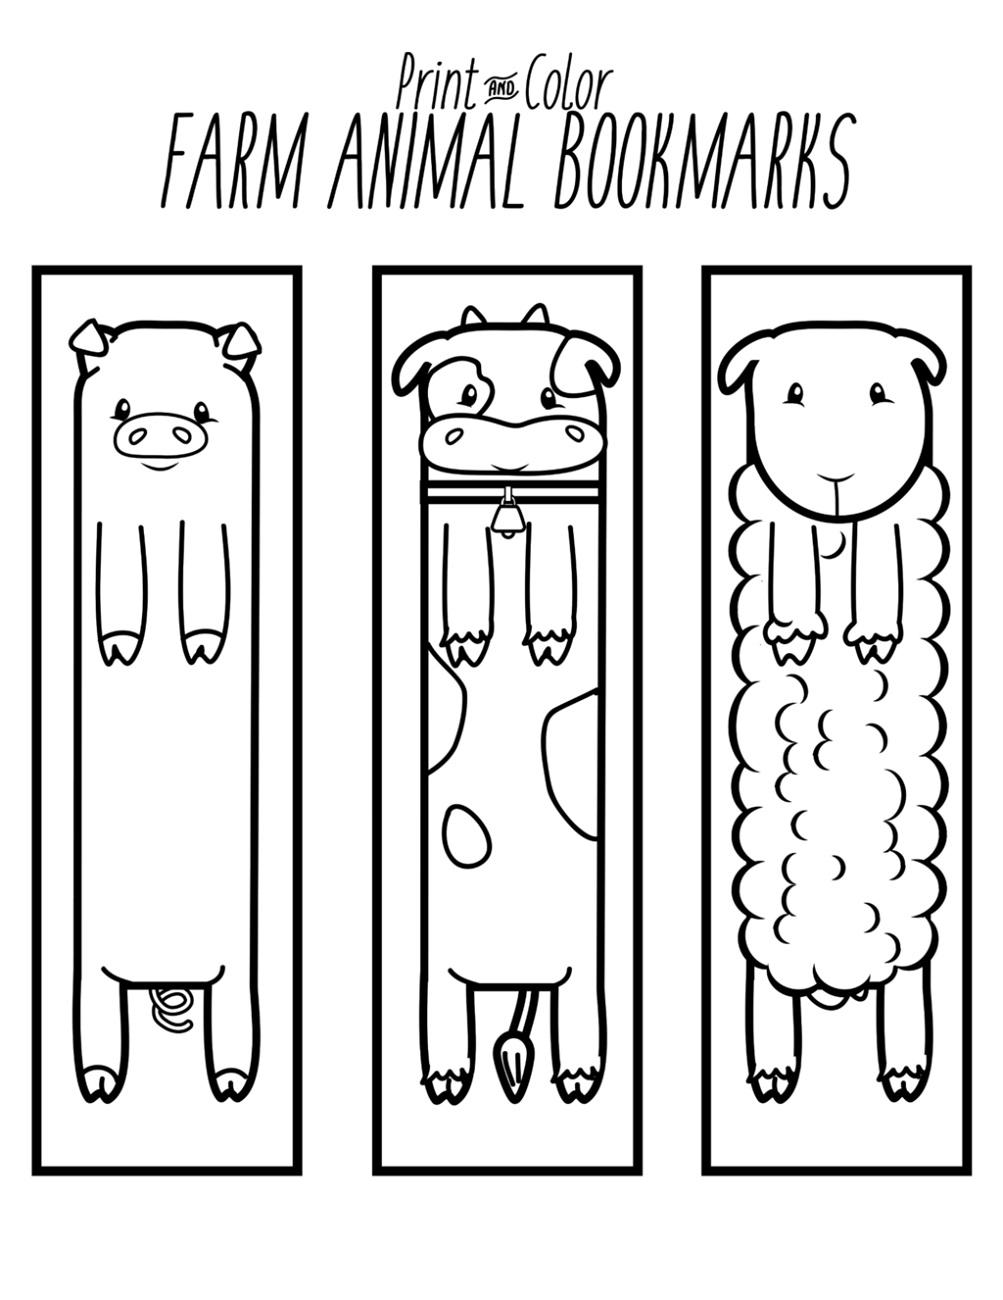 Animal Printable Bookmarks